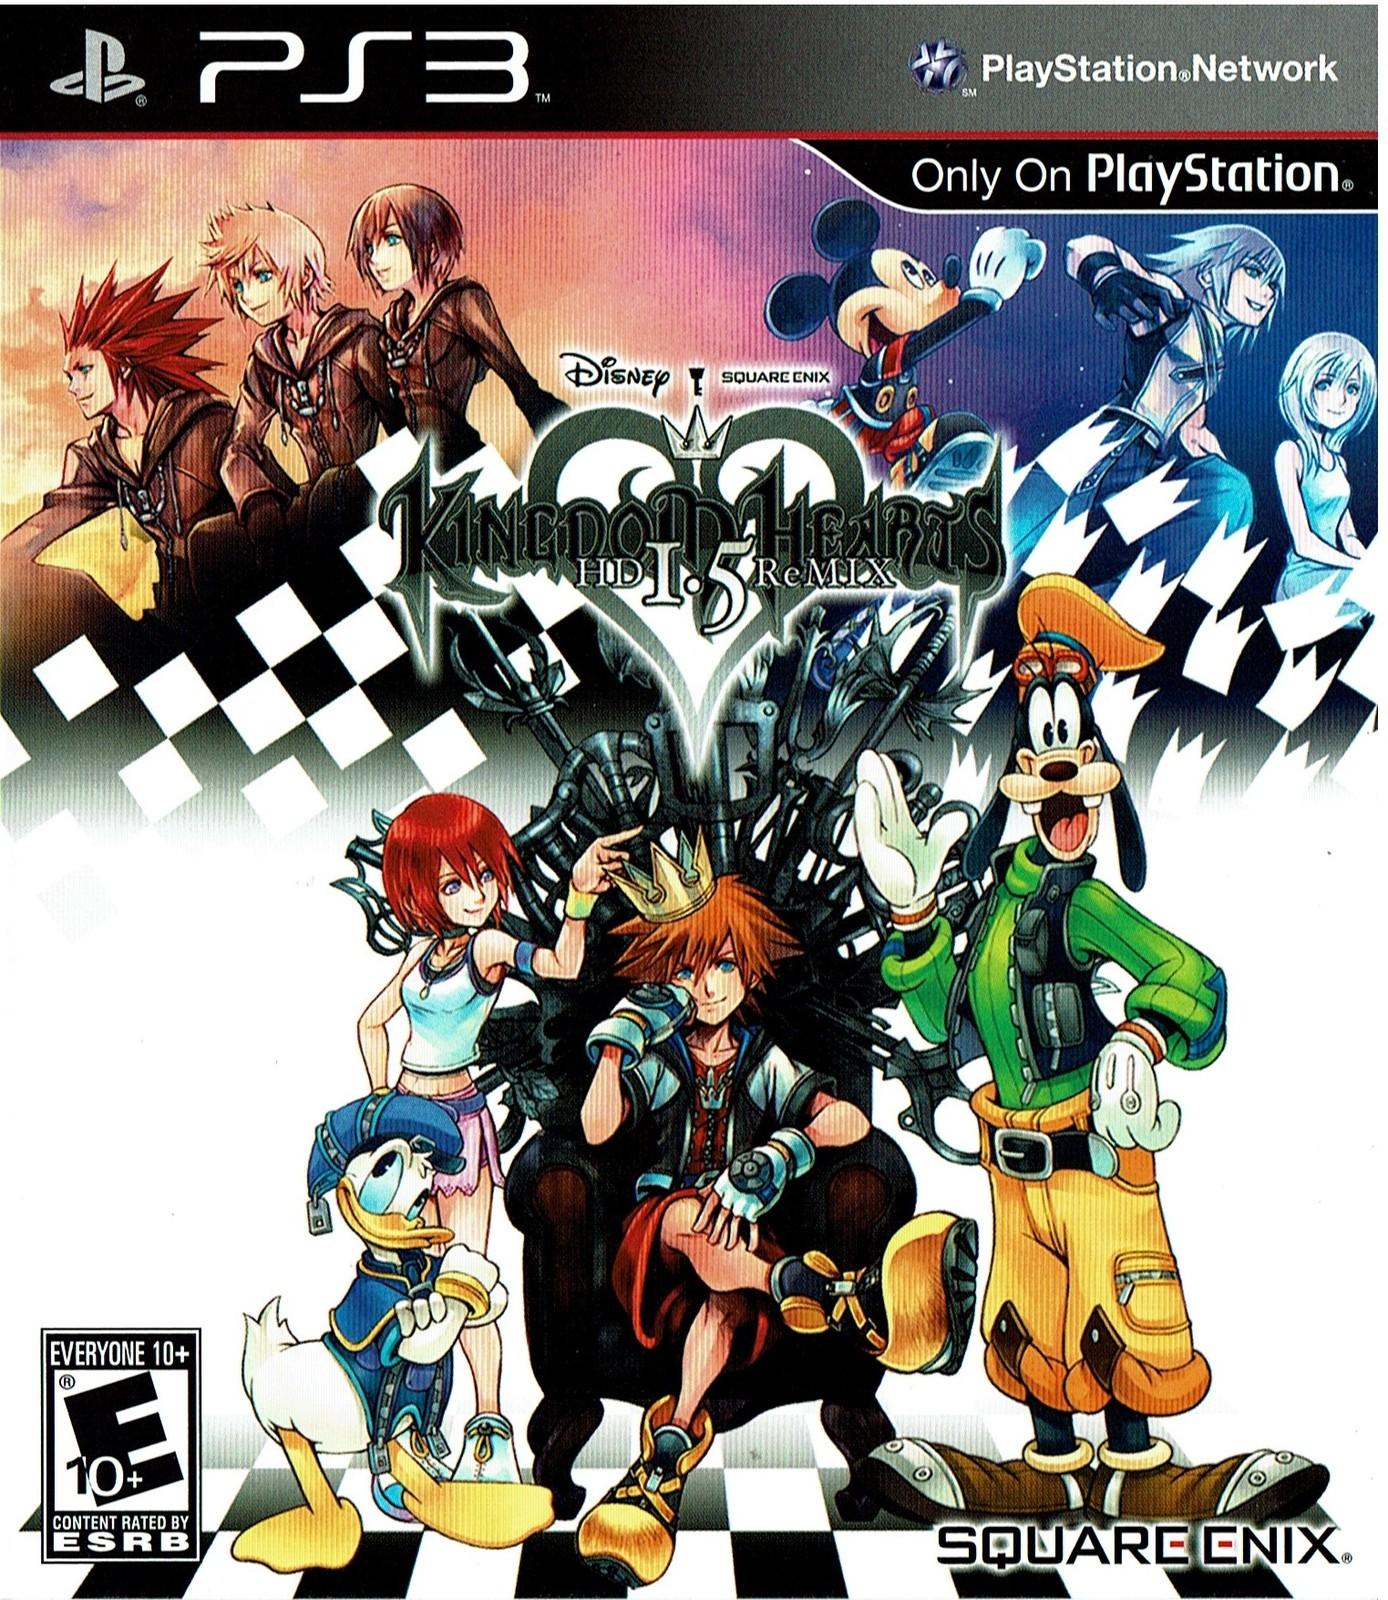 Kingdomhearts15remix 01